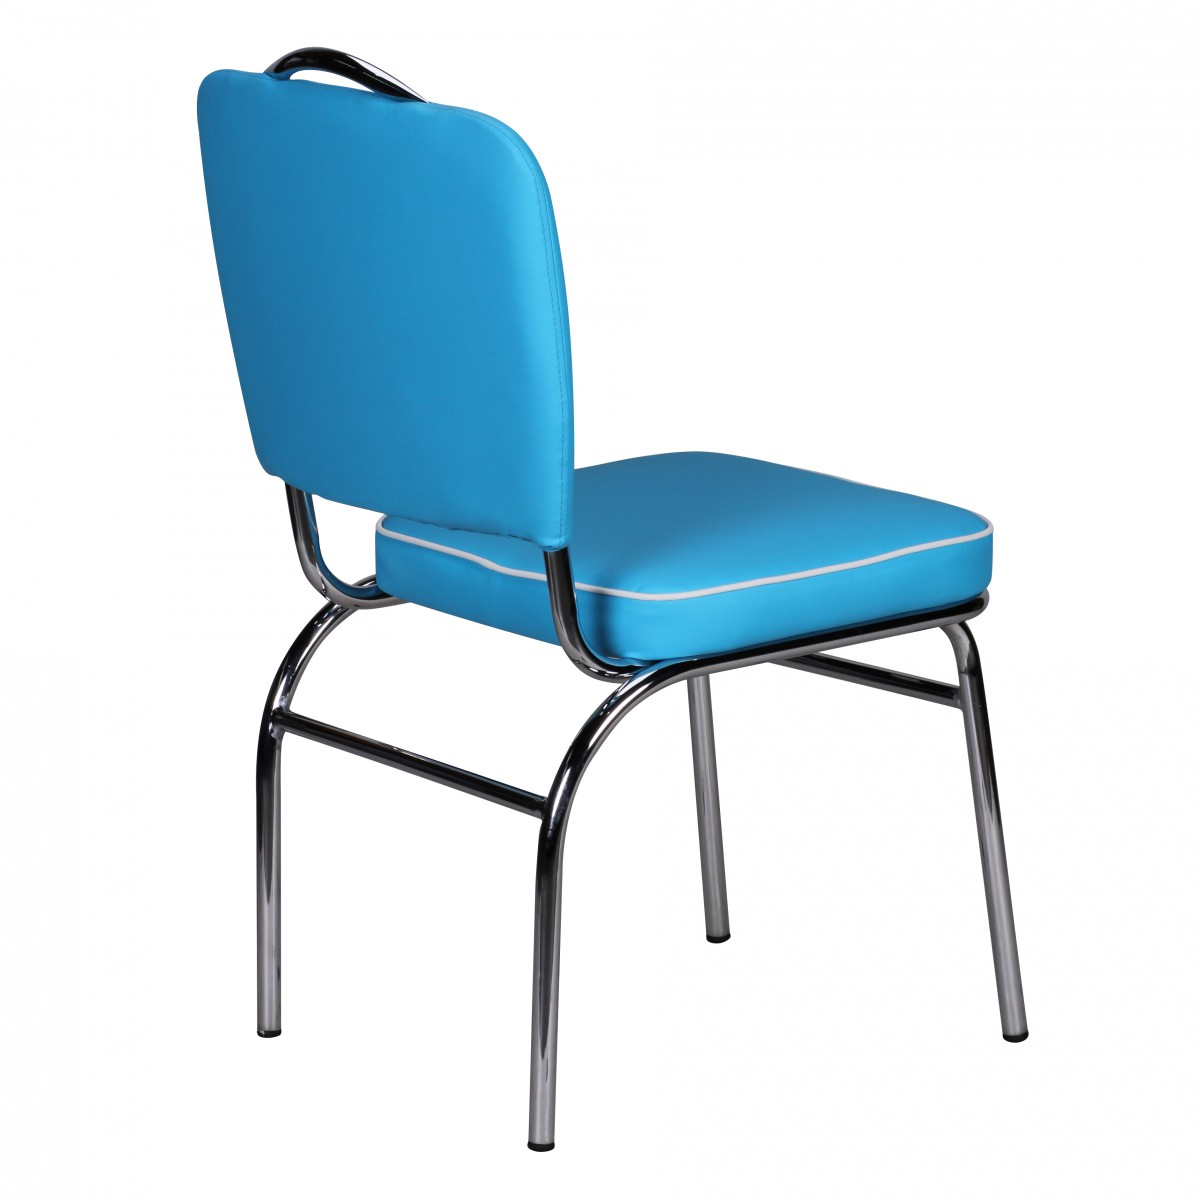 chaise cuisine bleu pr l vement d 39 chantillons et une bonne id e de concevoir. Black Bedroom Furniture Sets. Home Design Ideas